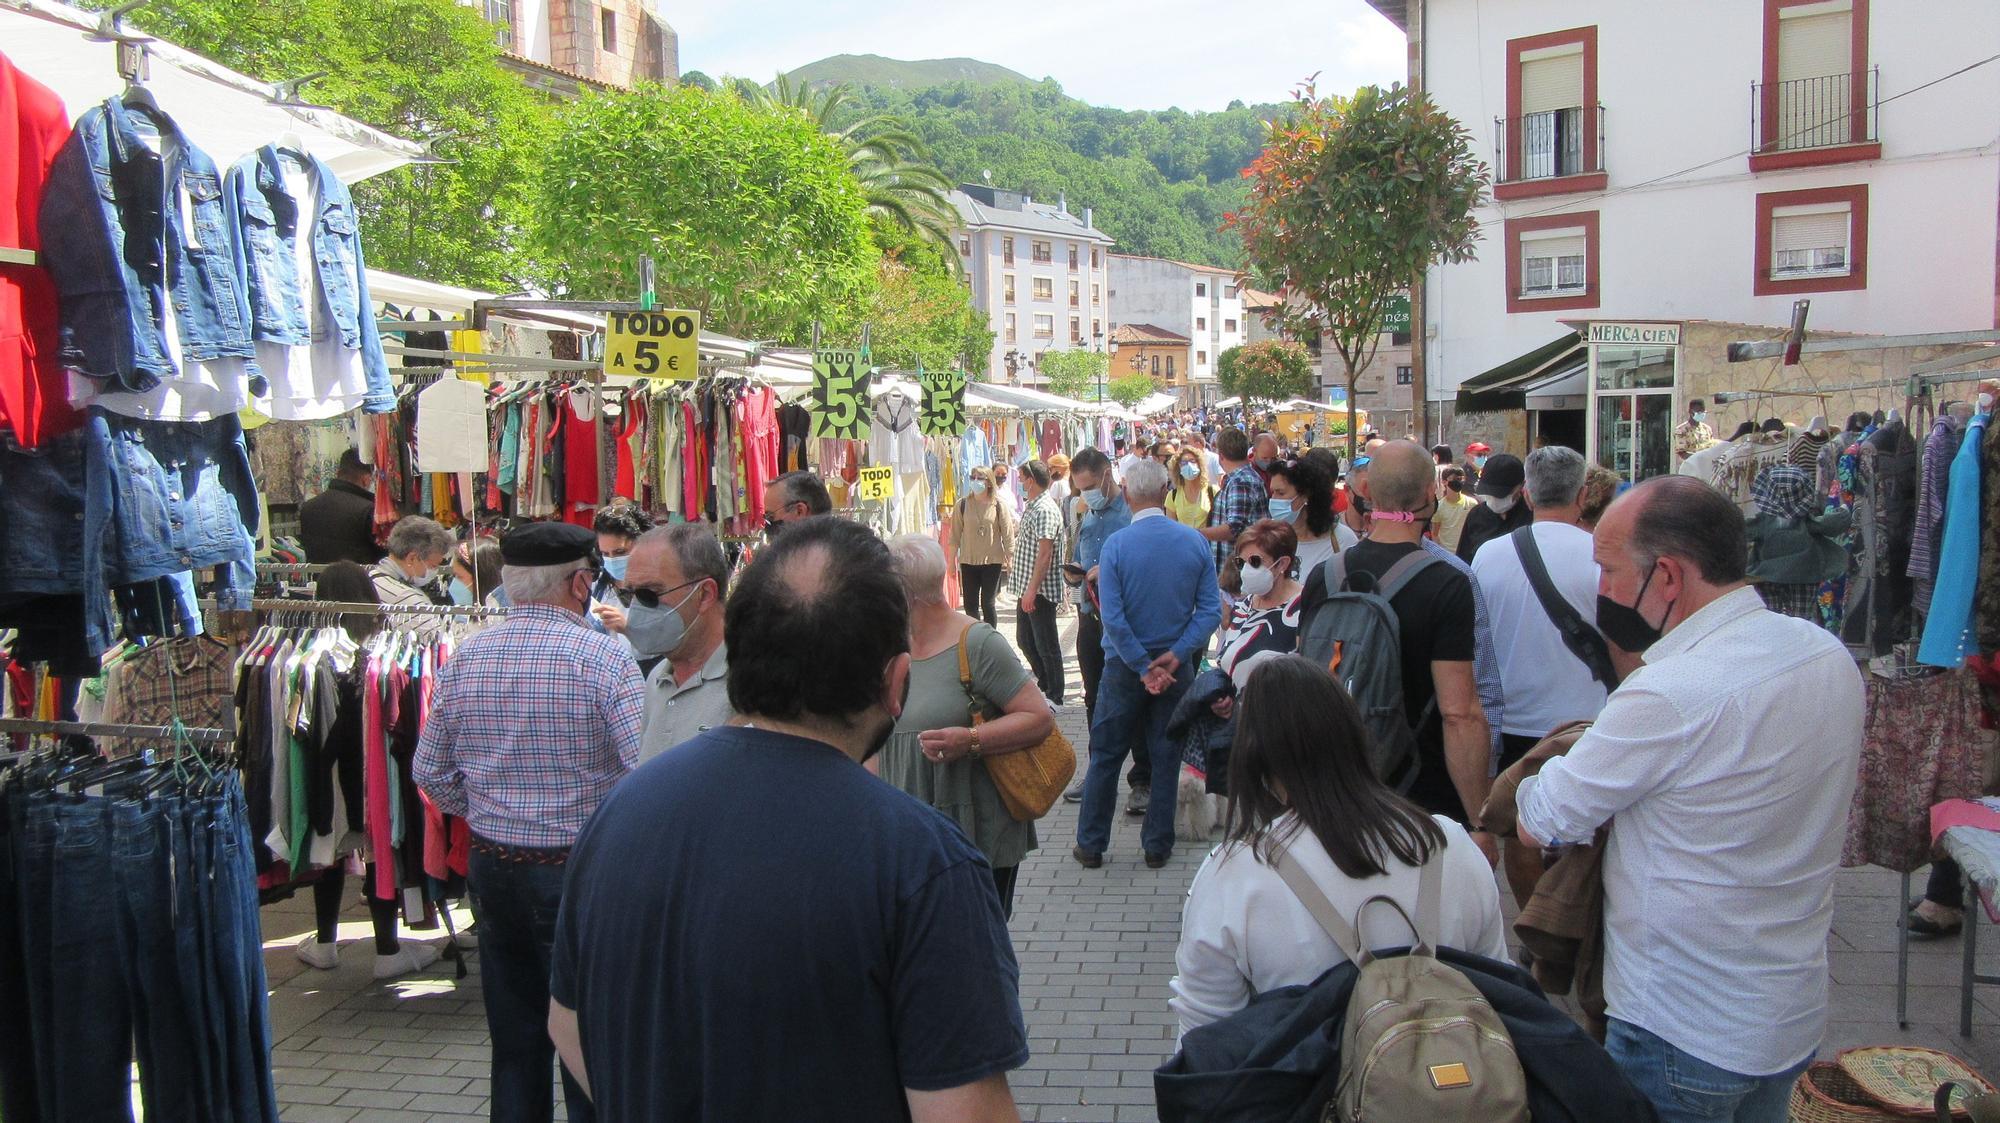 Buena jornada dominicial de visitantes y celebraciones de comunión en Cangas de Onís